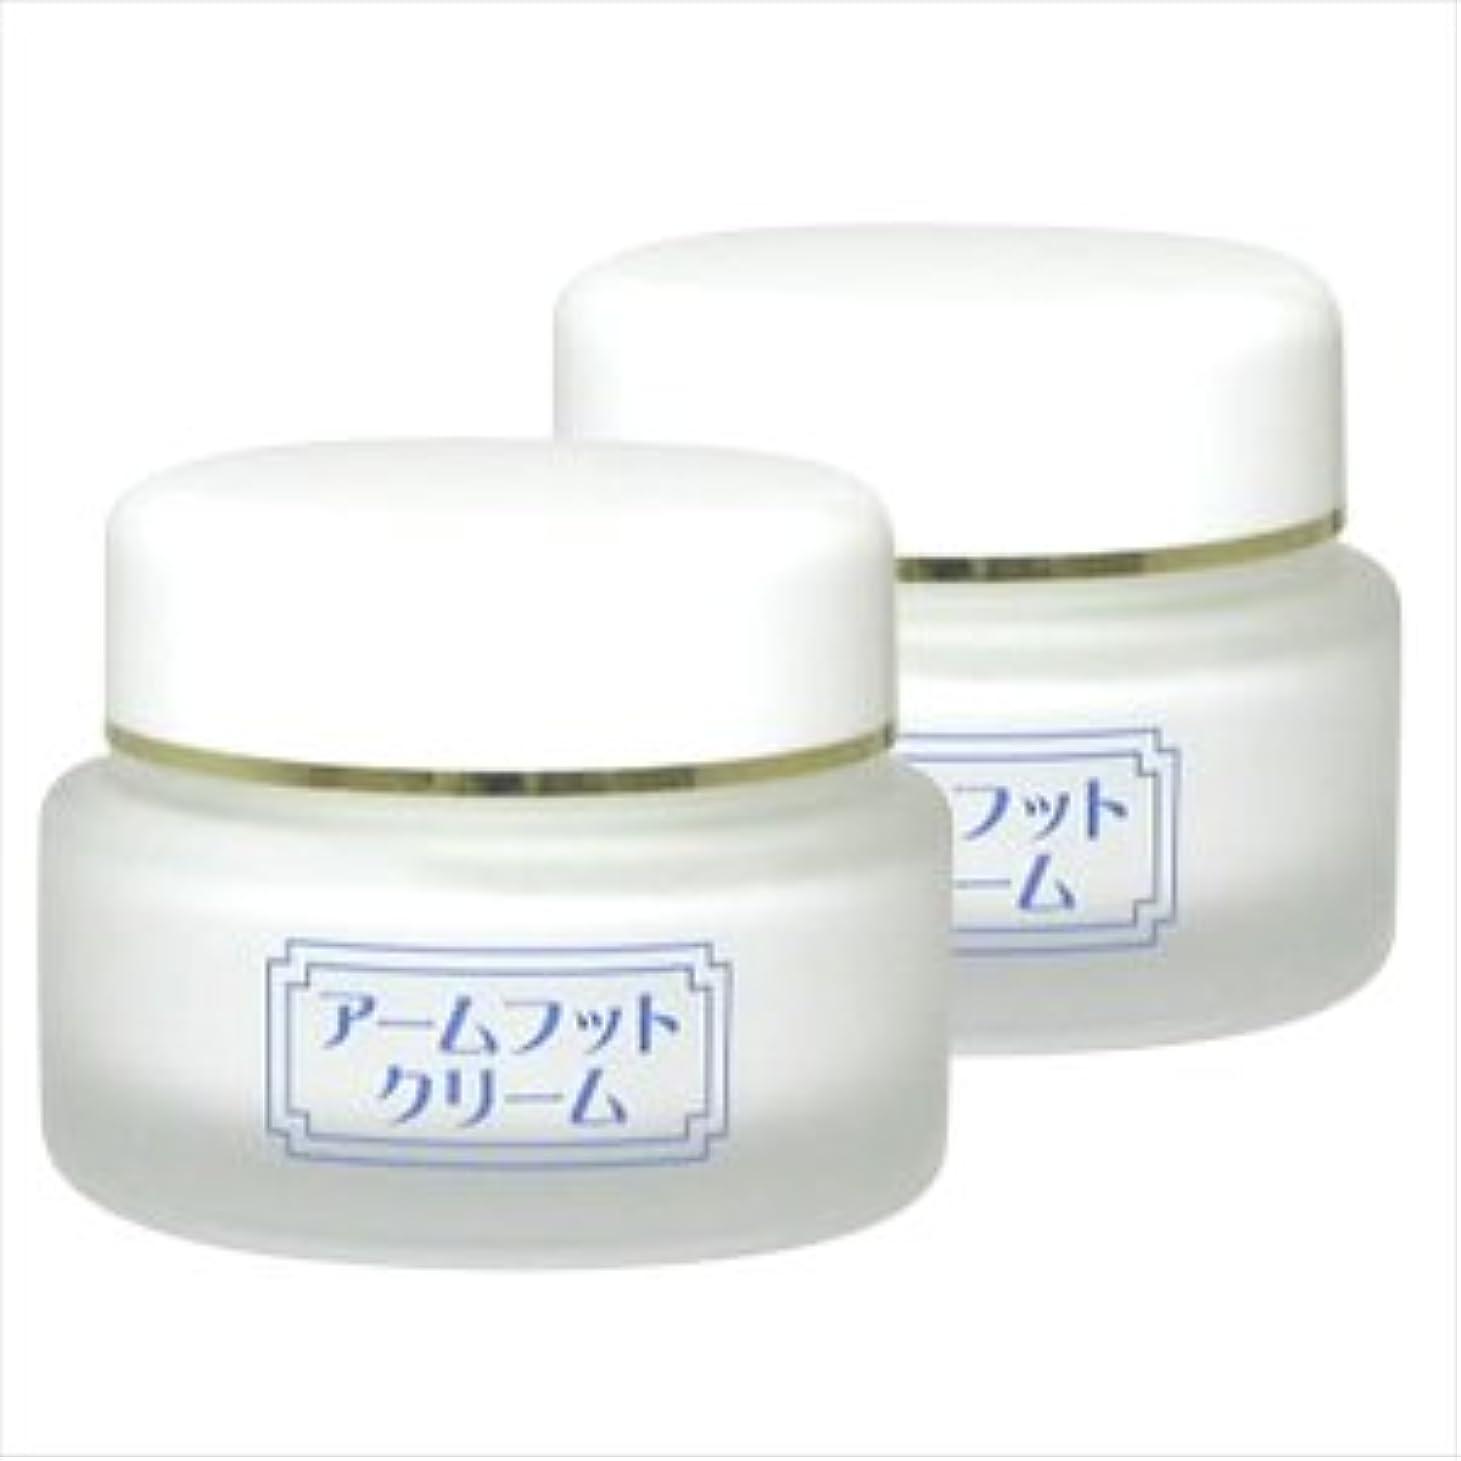 クライマックスファシズム蛾薬用デオドラントクリーム アームフットクリーム(20g) (2個セット)